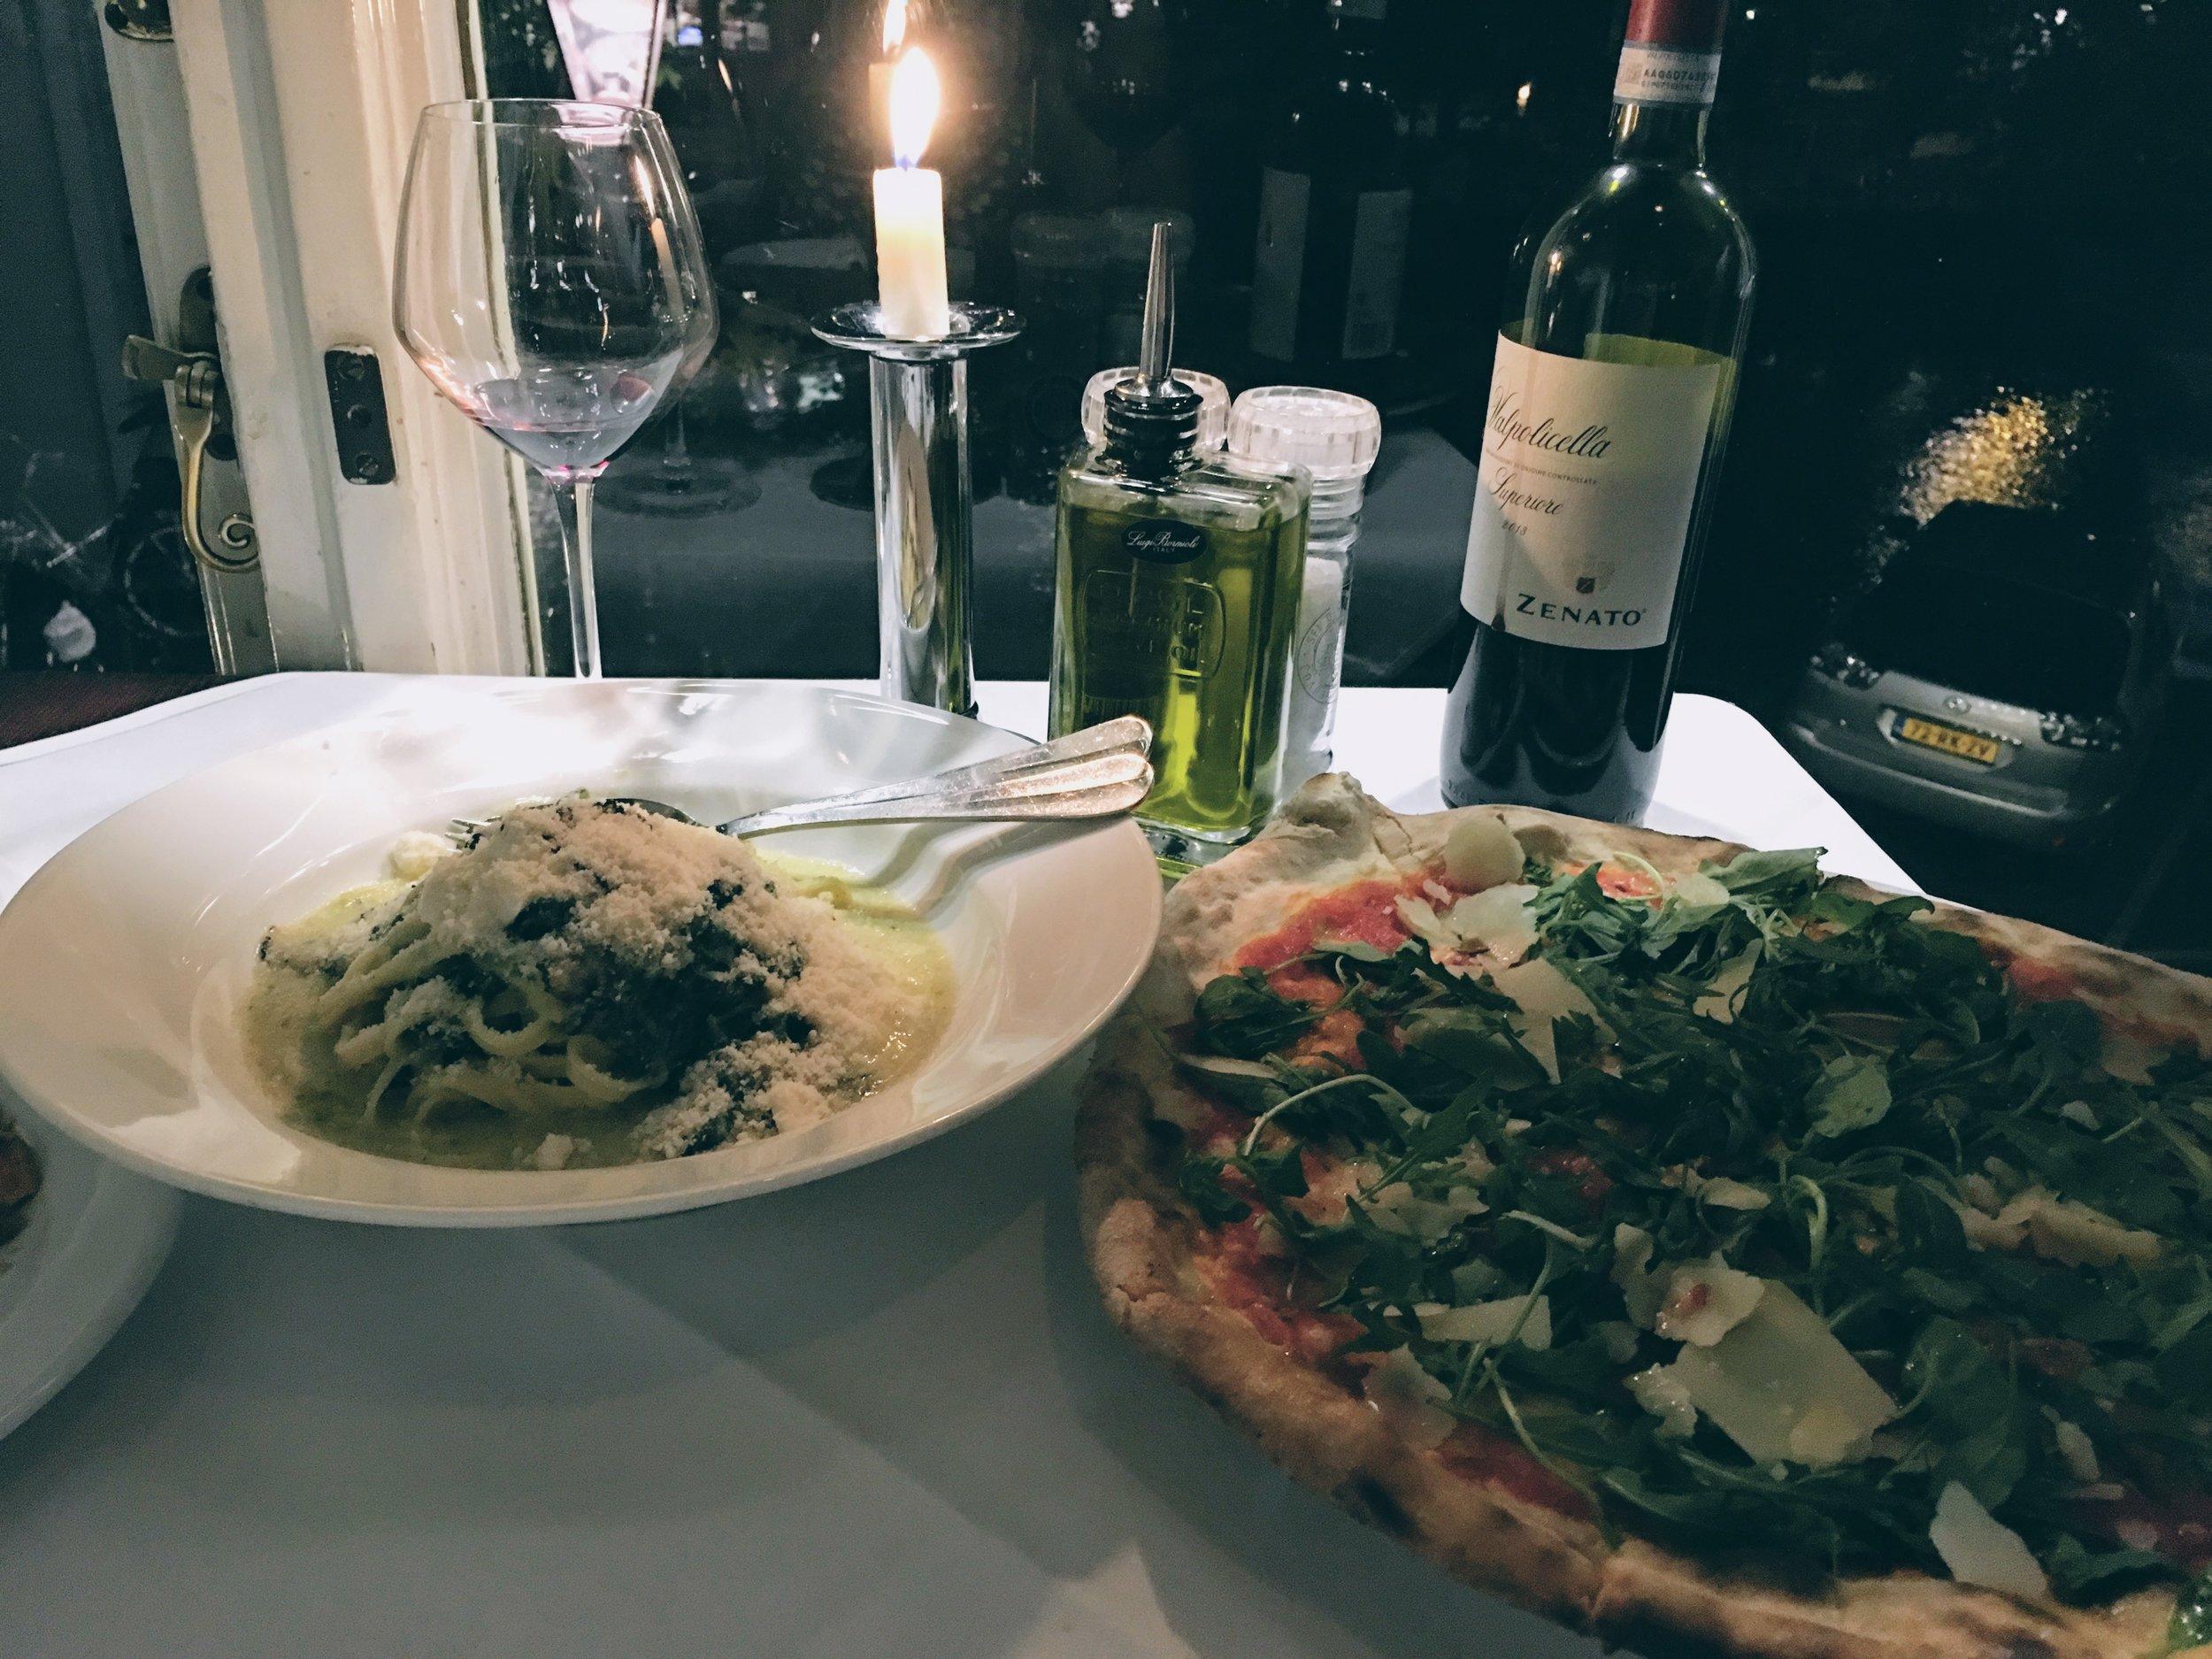 Pasta and pizza at Casa Di David